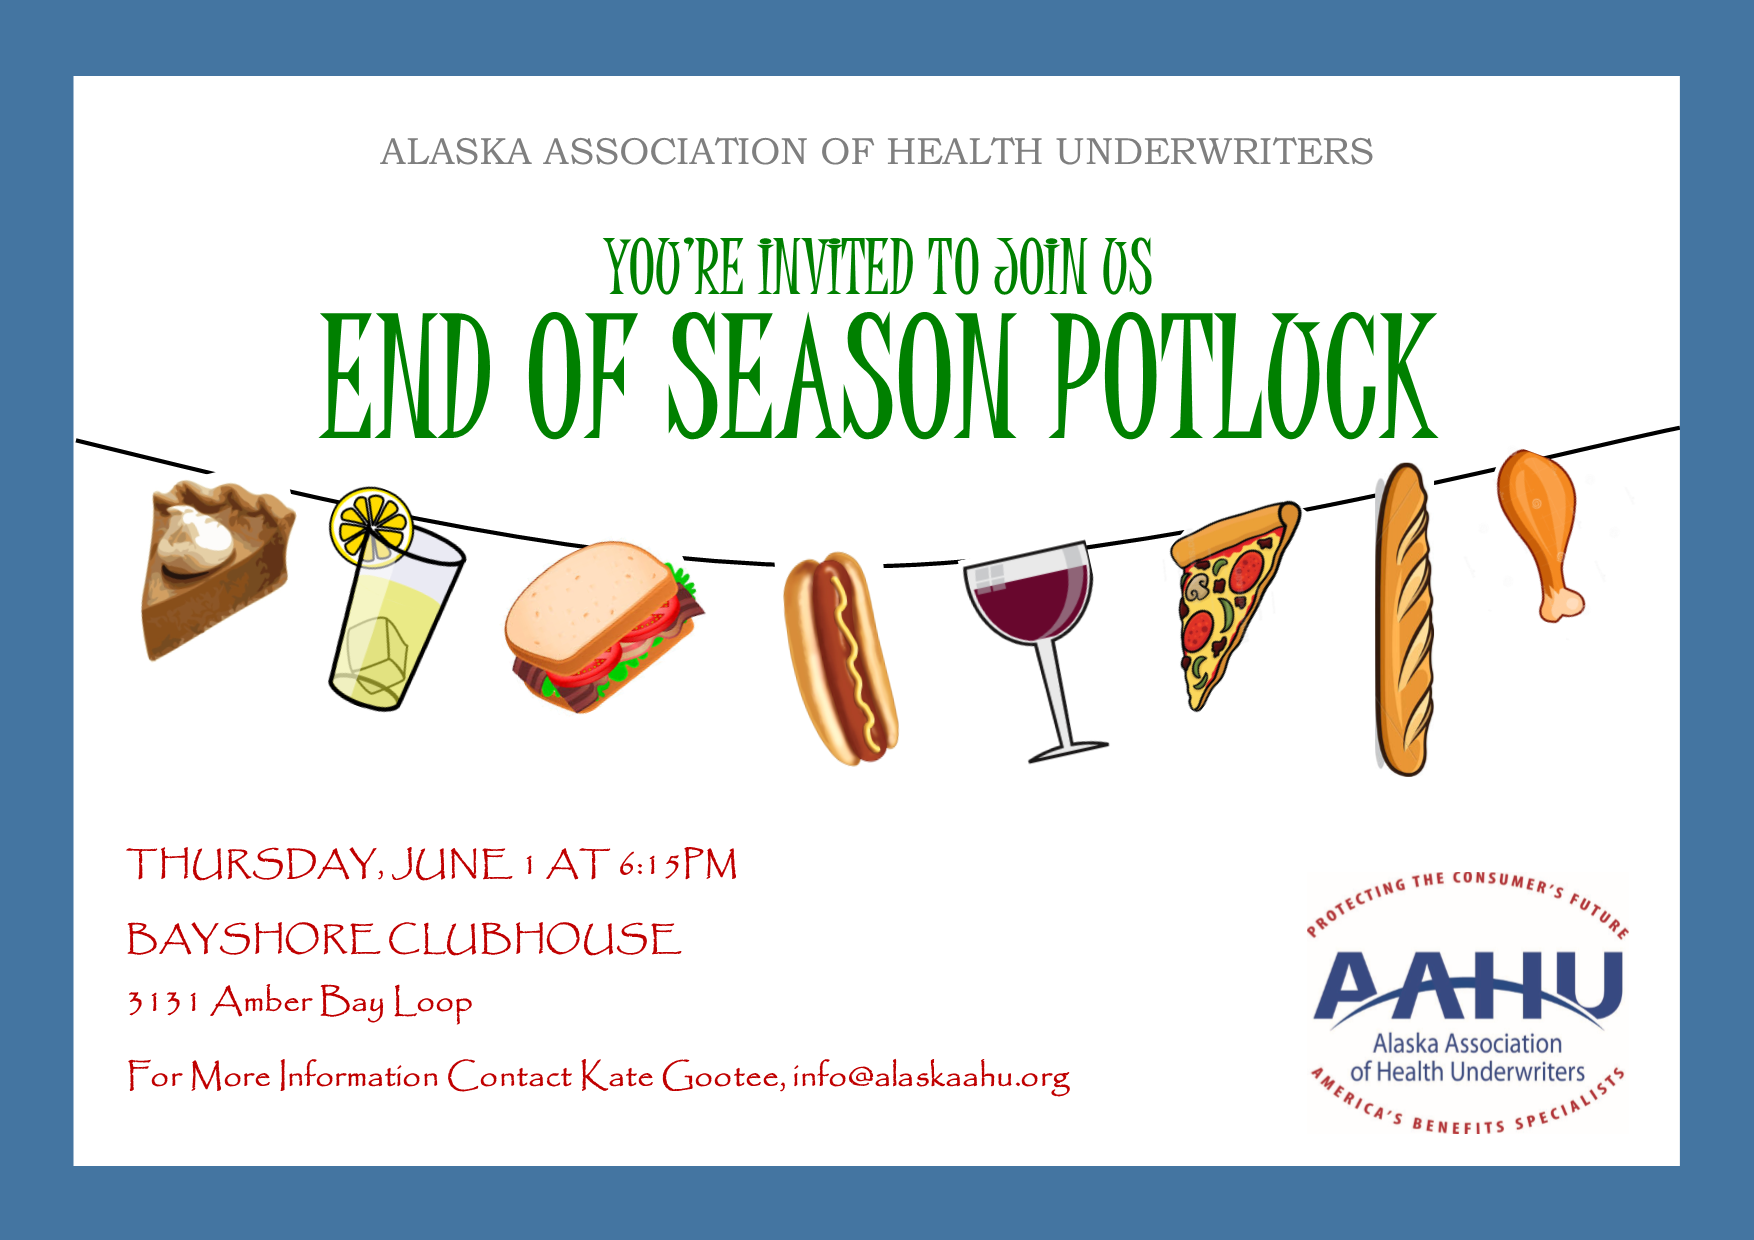 Alaska Association Of Health Underwriters 2017 Aahu End